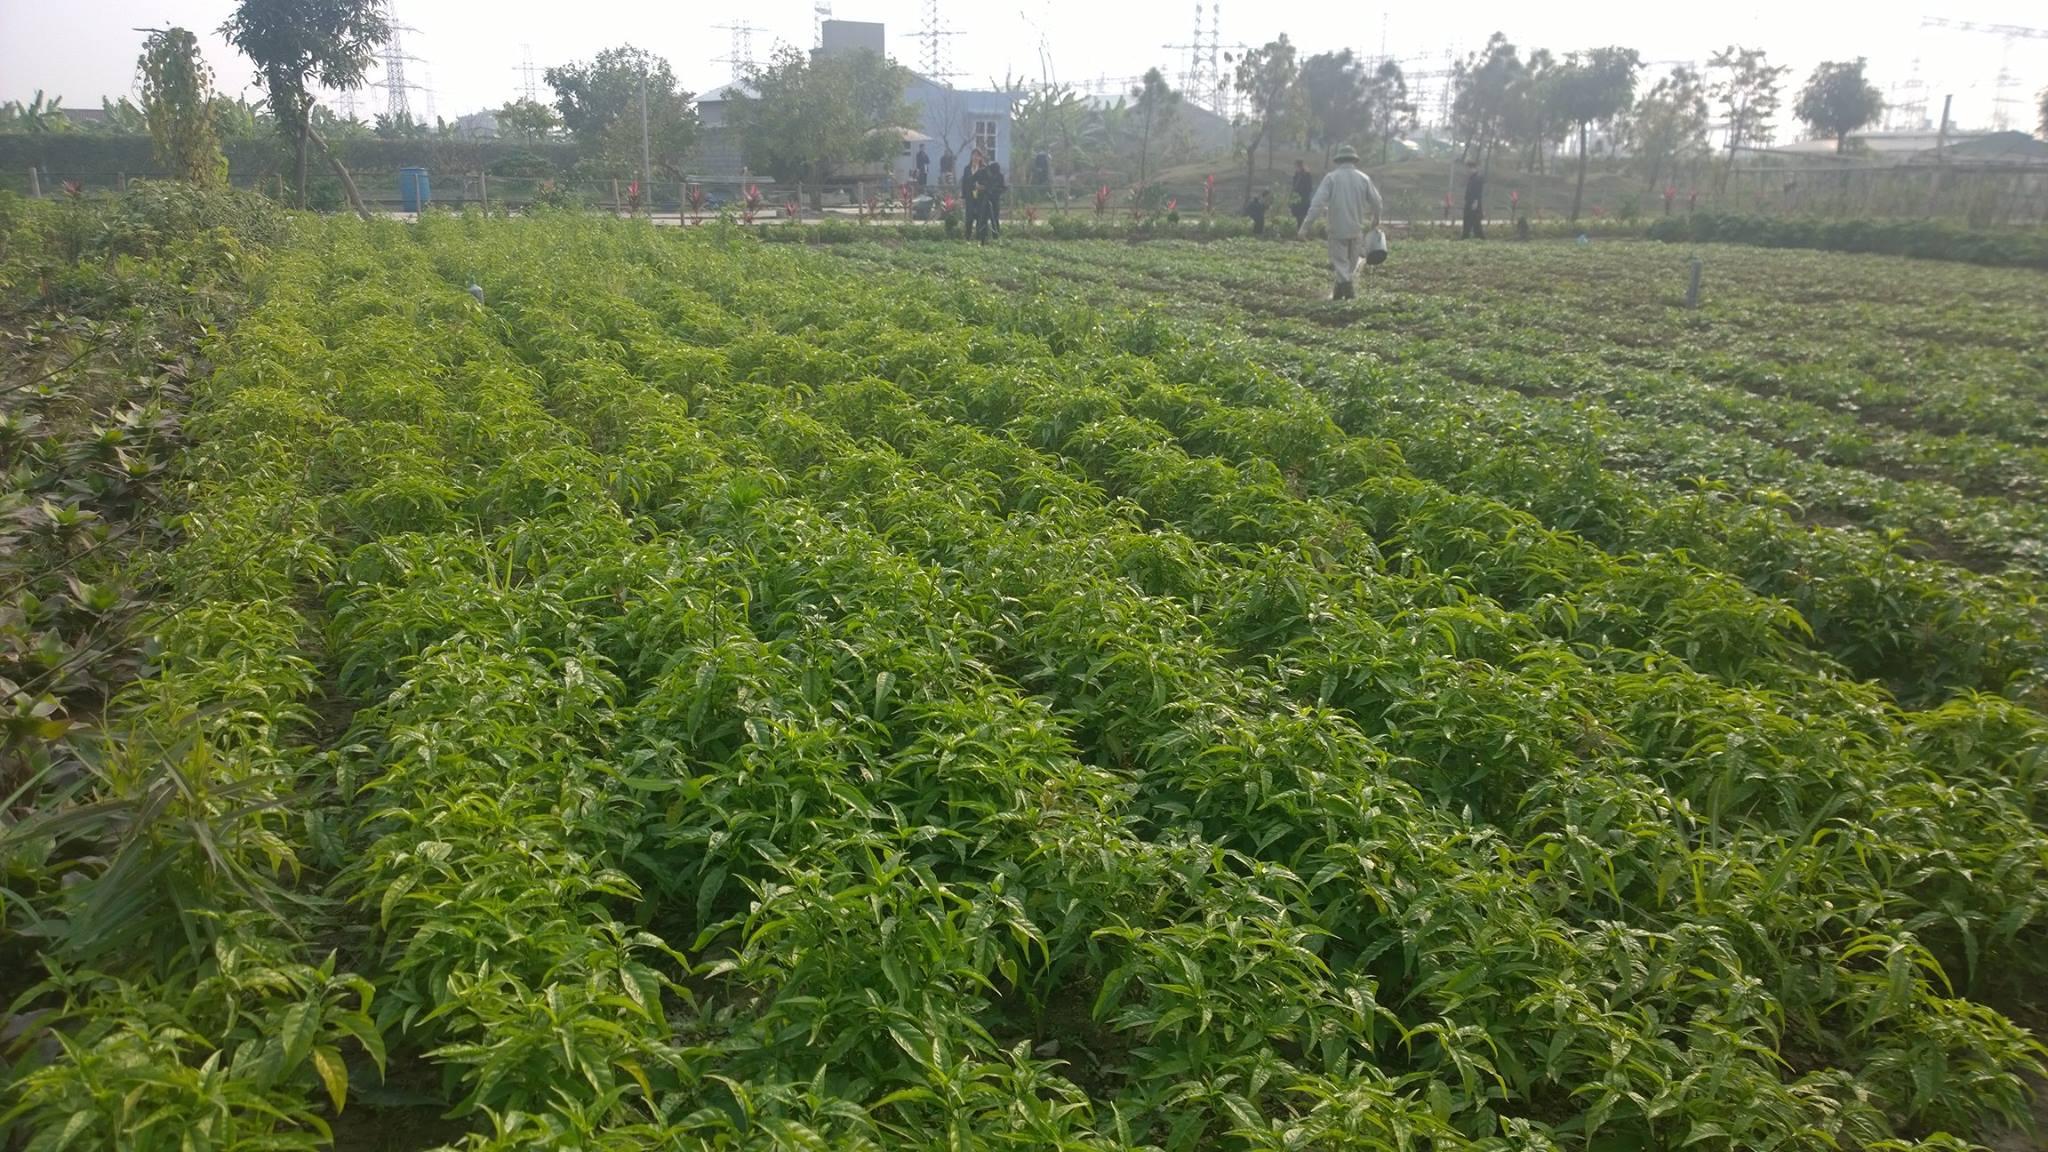 8 vùng chú trọng phát triển cây dược liệu - Trồng cây dược liệu sạch